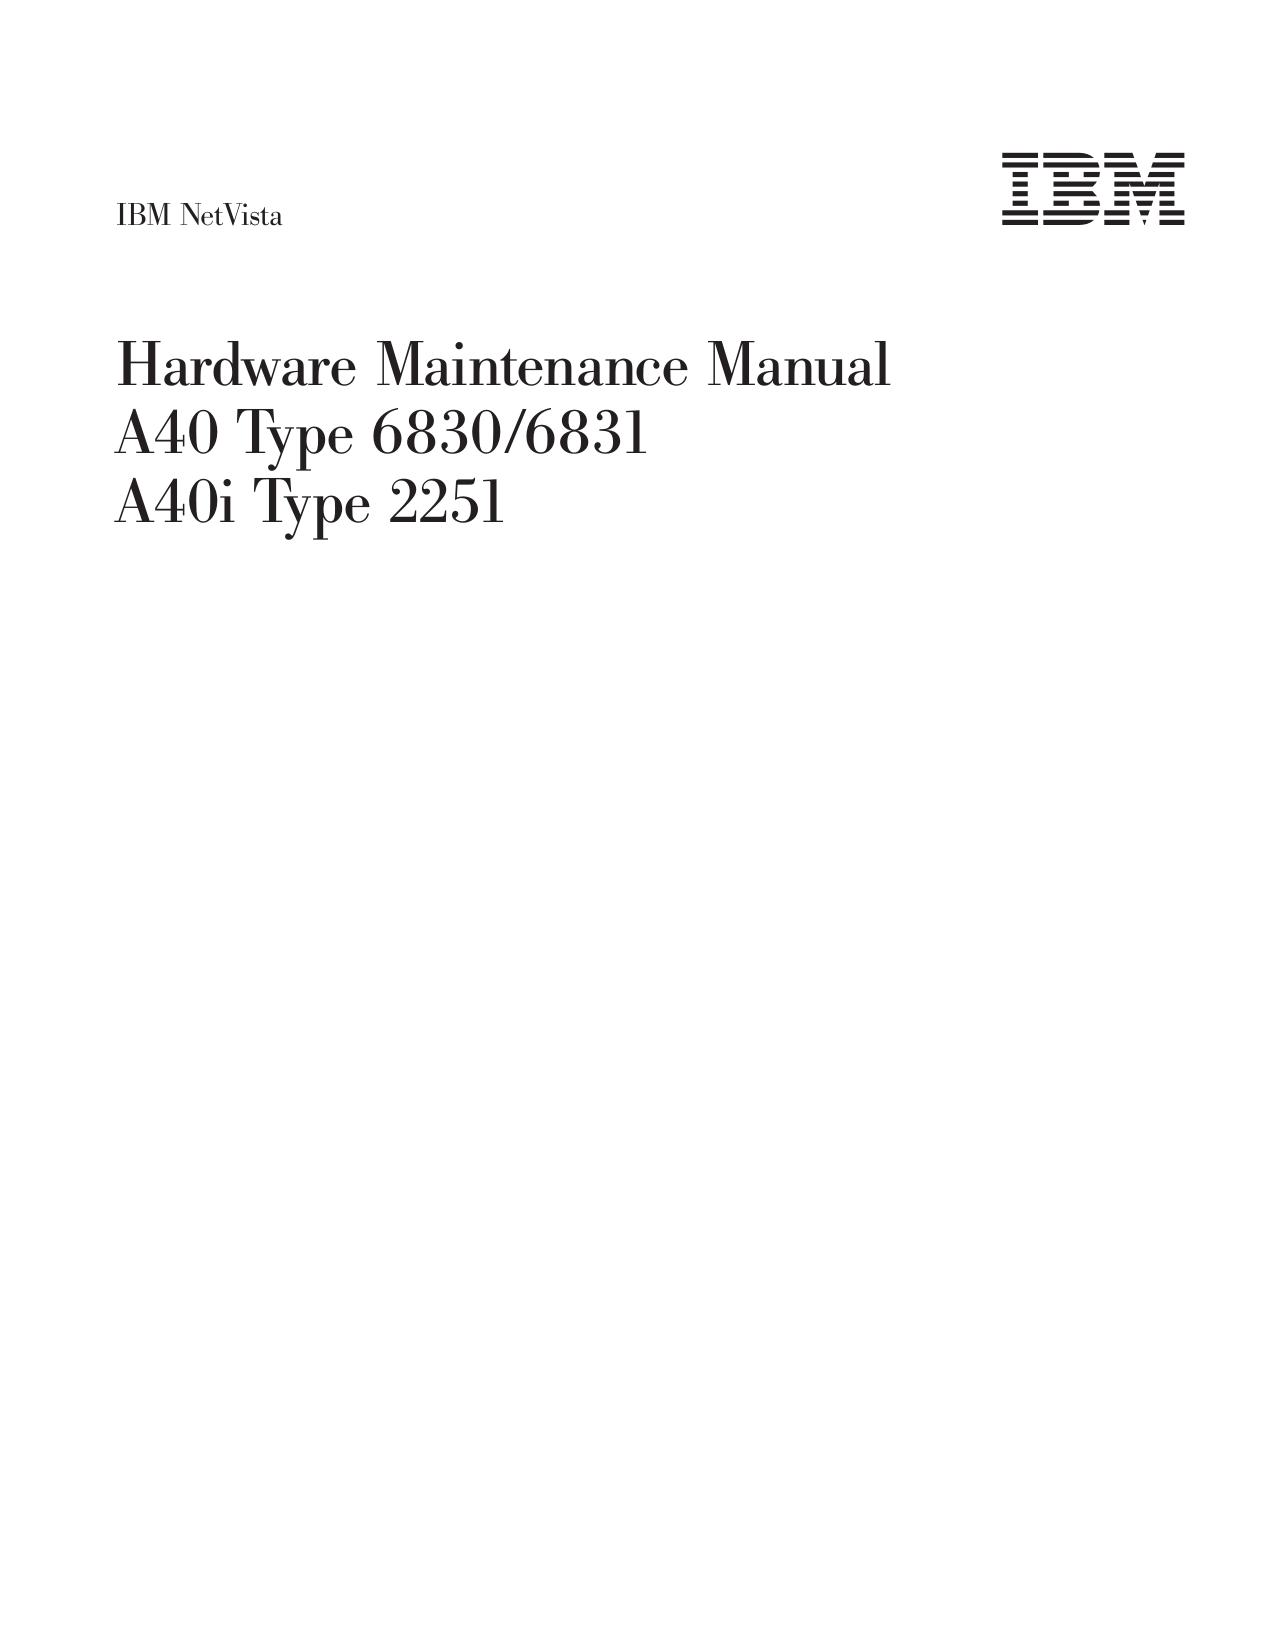 pdf for IBM Desktop NetVista A40i manual